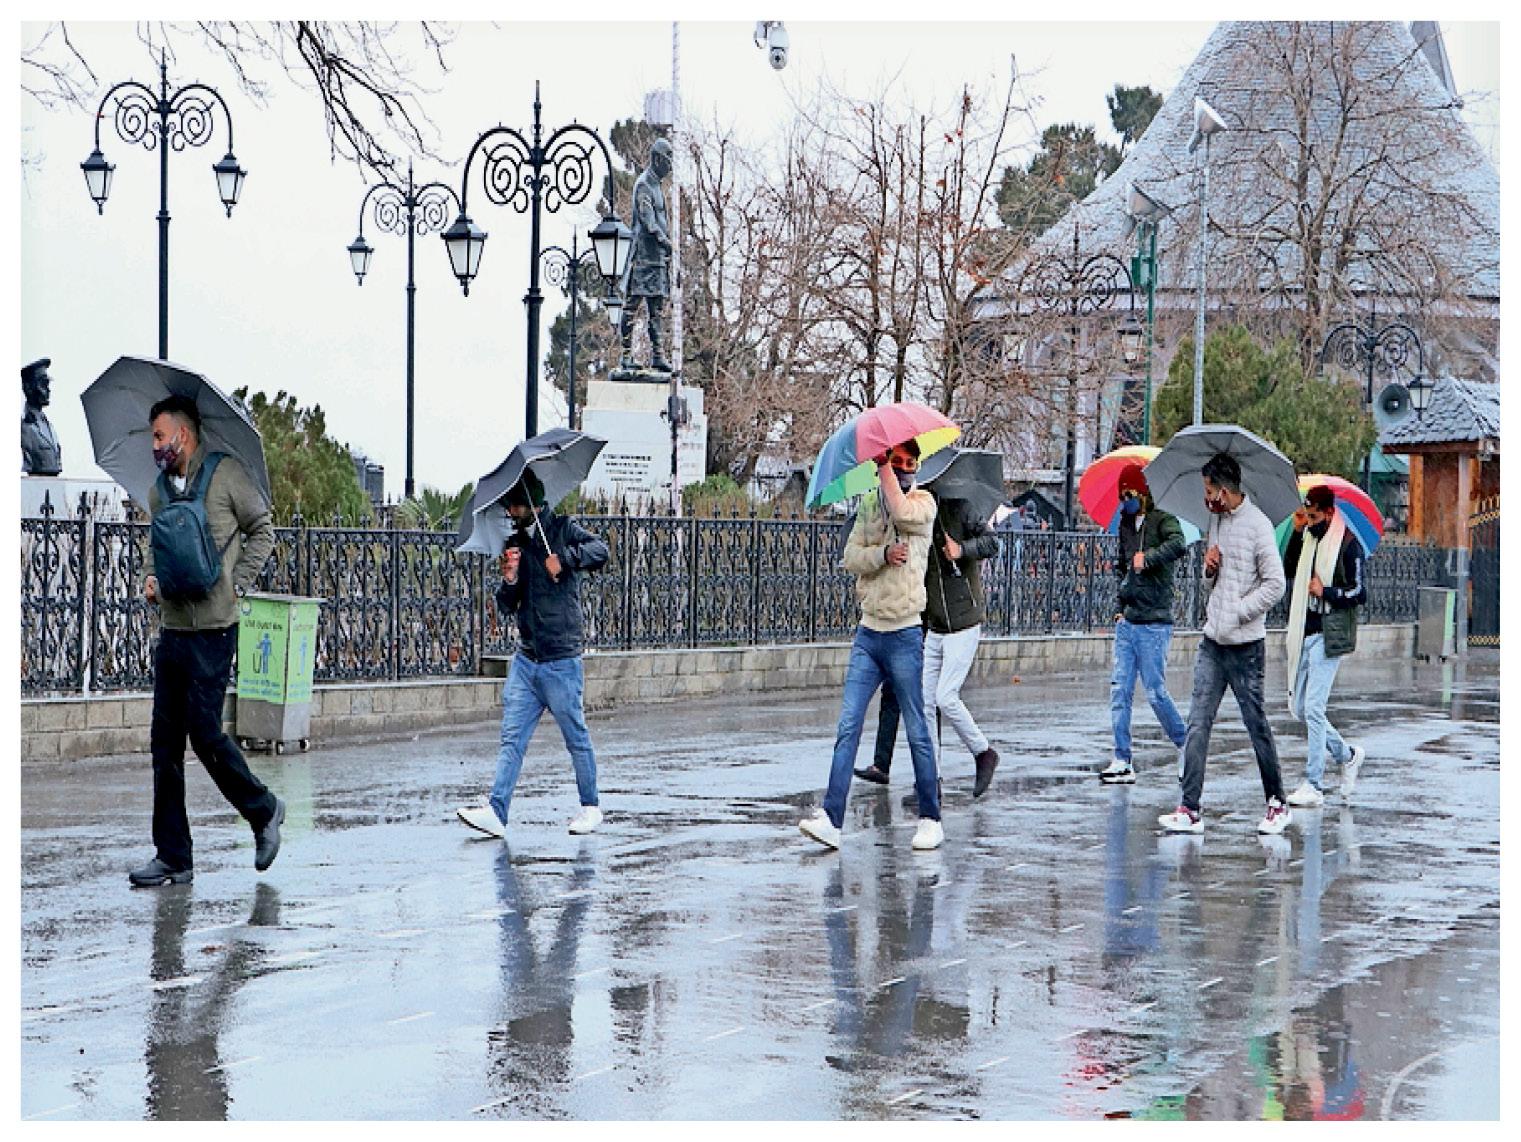 हिमाचल प्रदेश में बर्फबारी के बाद ठंड काफी बढ़ गई। मौसम का लुत्फ उठाते पर्यटक।